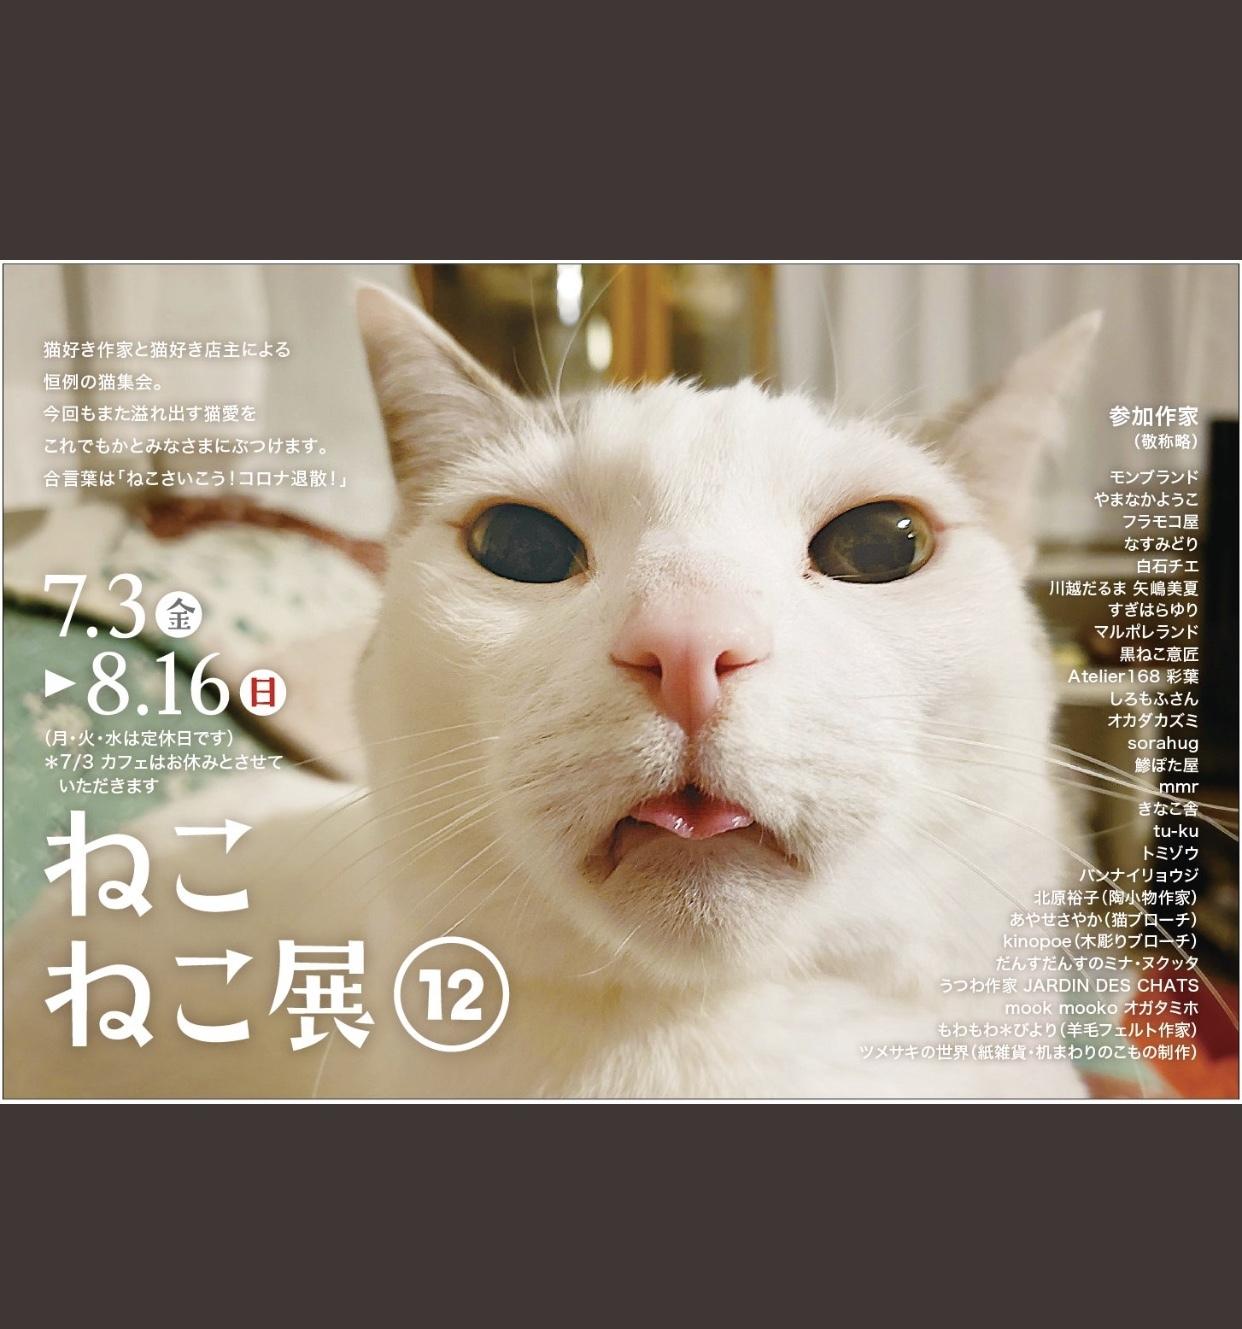 名古屋市名東区極楽の q.e.d.STORE & CAFE さんの『ねこねこ展』に初参加します_a0137727_20261369.jpeg